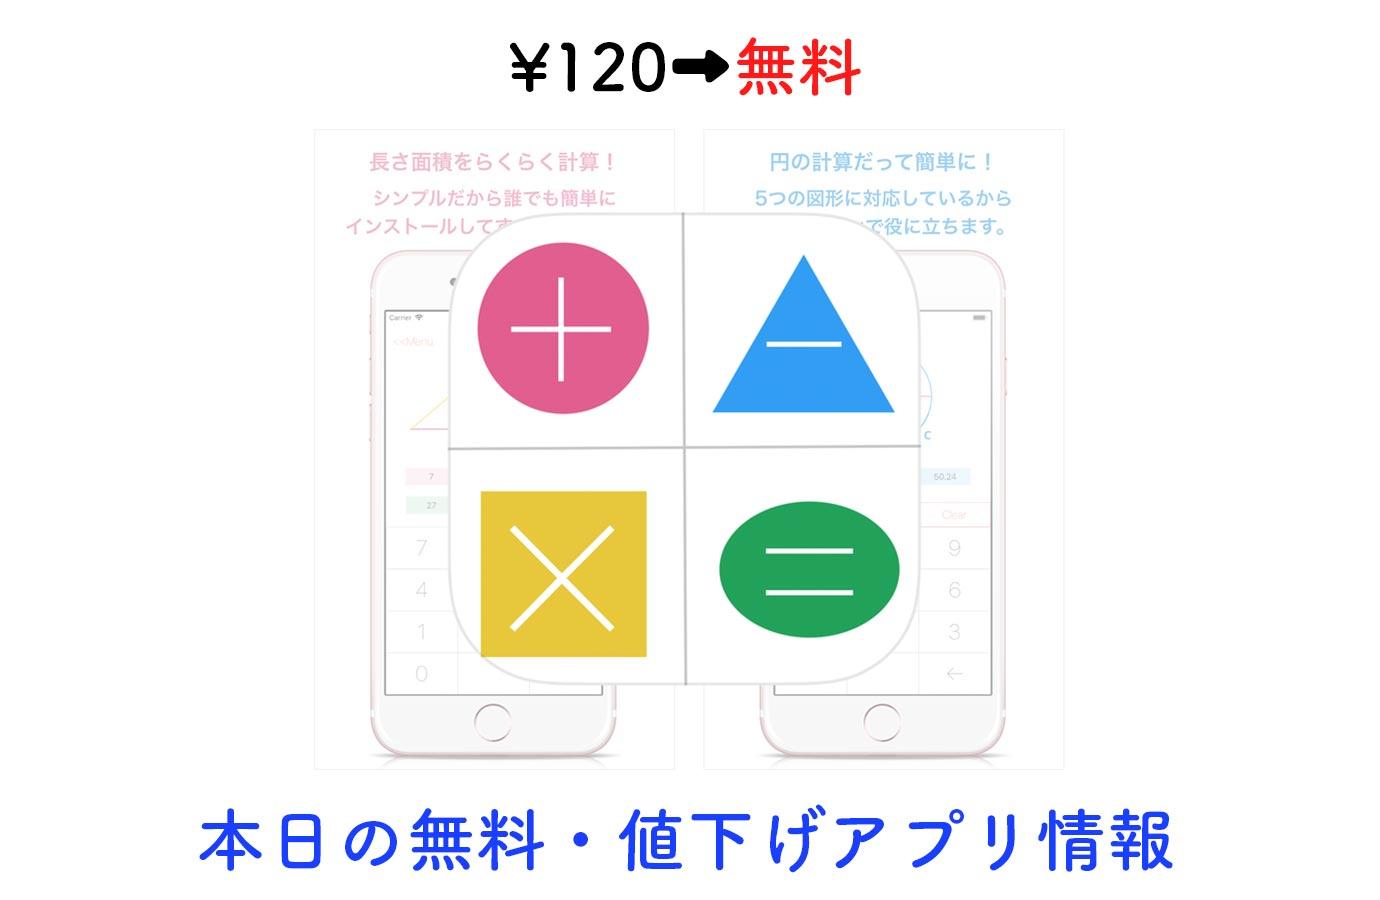 ¥120→無料、図形の各辺の長さや面積が計算できる「AutoCalc」など【10/17】本日の無料・値下げアプリ情報